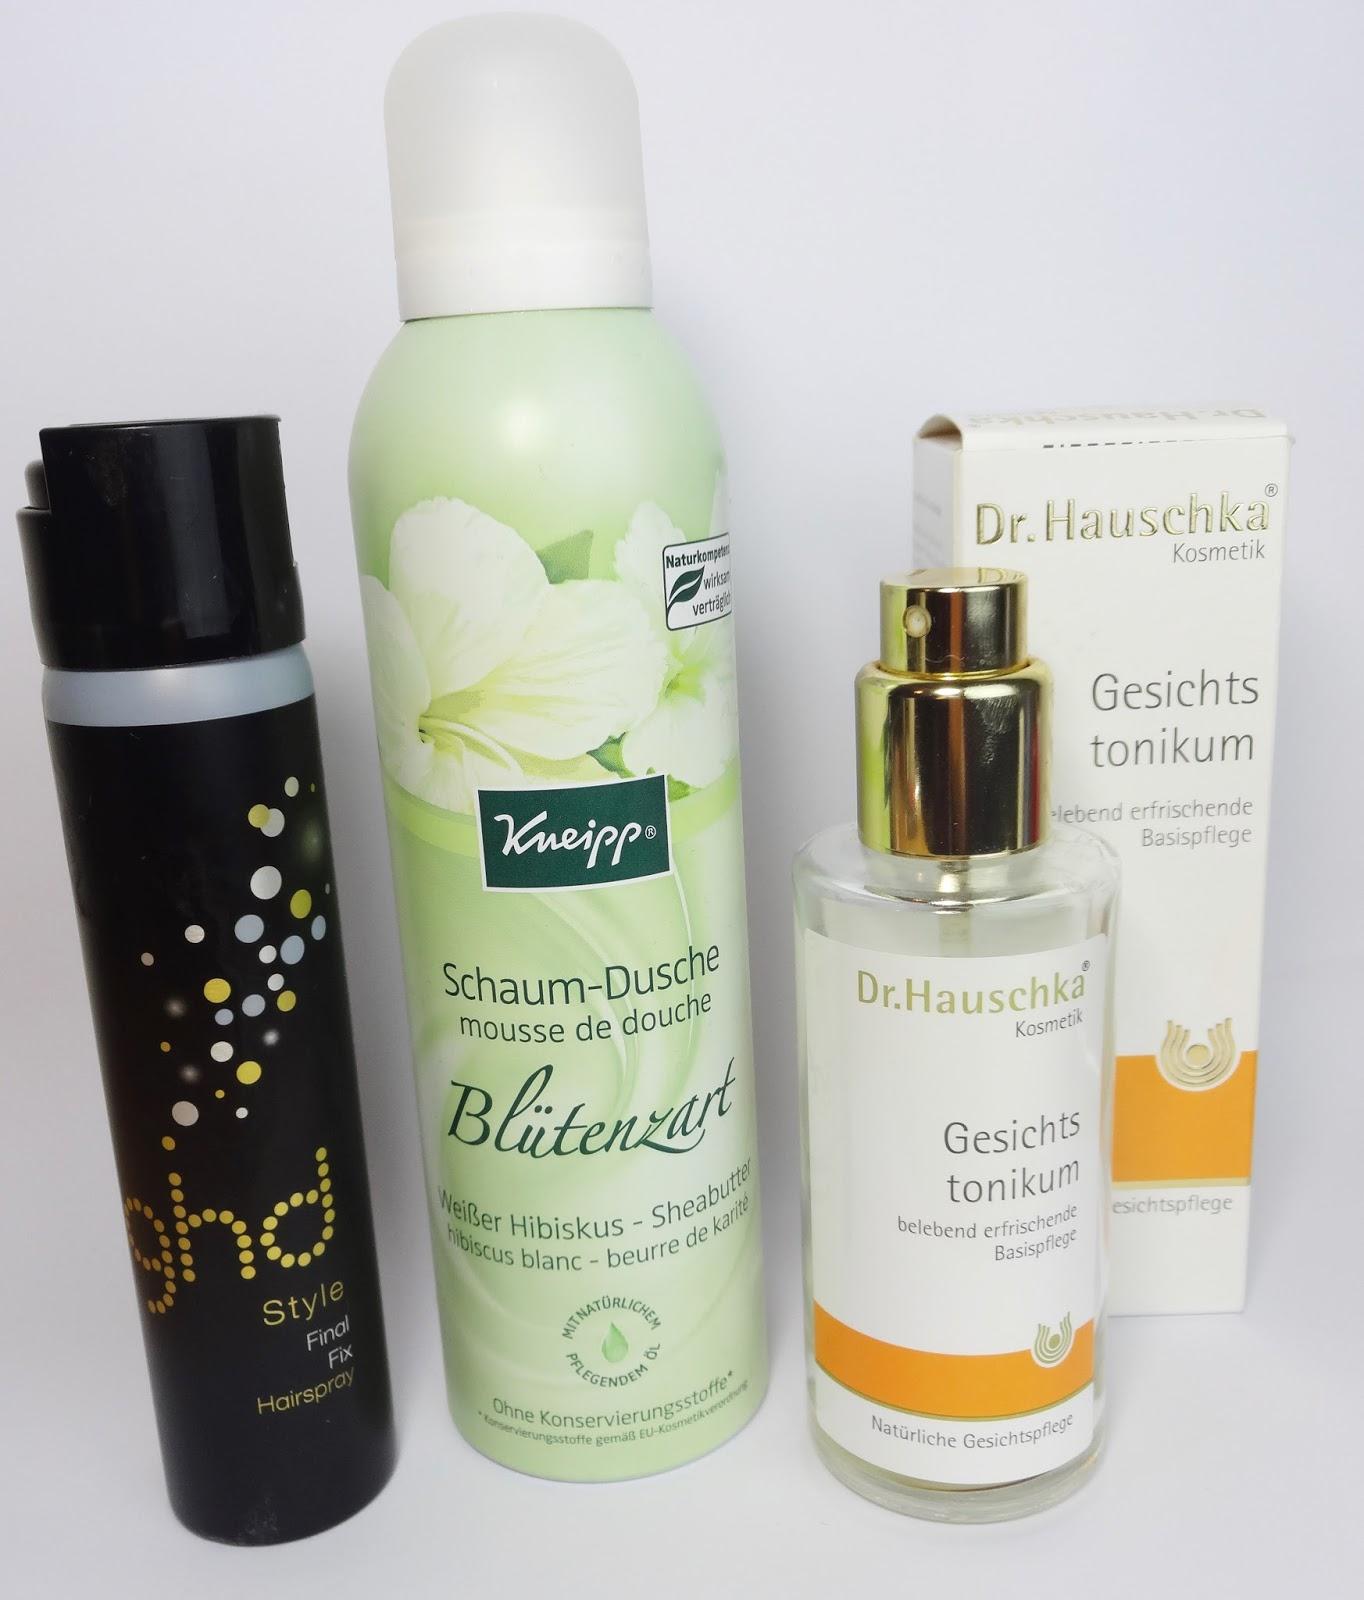 Pretty Clover Beautyblog, Kosmetik, ghd, Kneipp, Dr. Hauschka